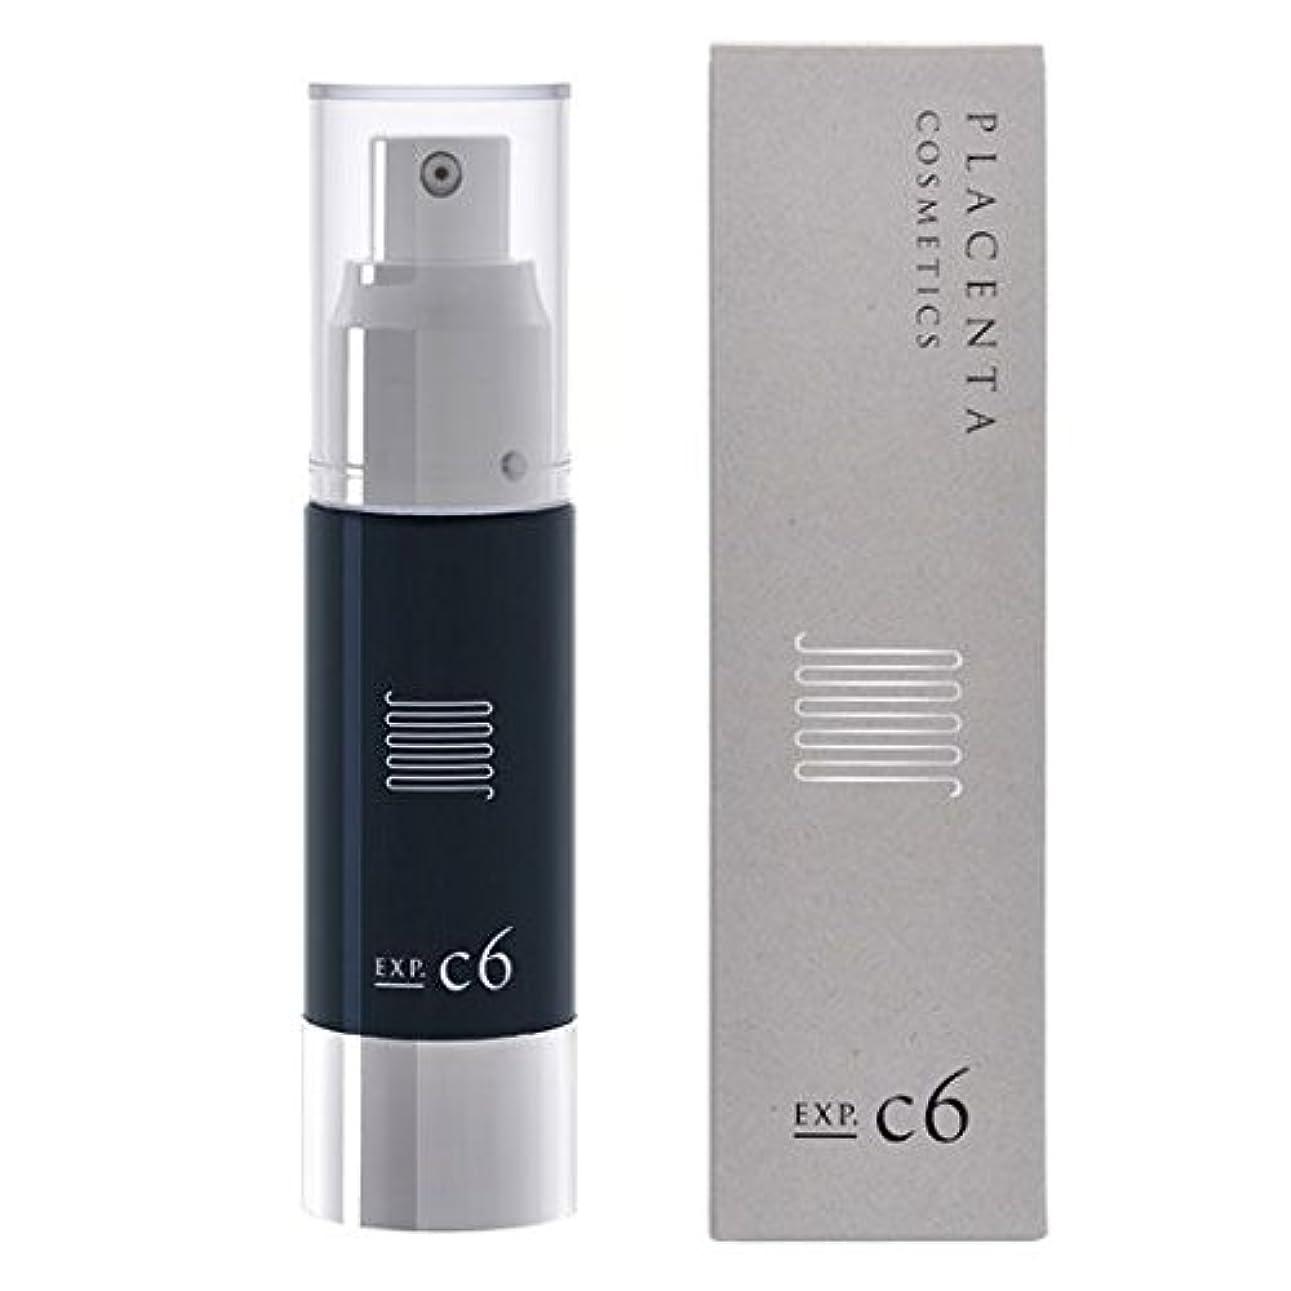 プラセンタC6クリーム 〈生プラセンタ20%配合〉フィルトムC6C 30mL